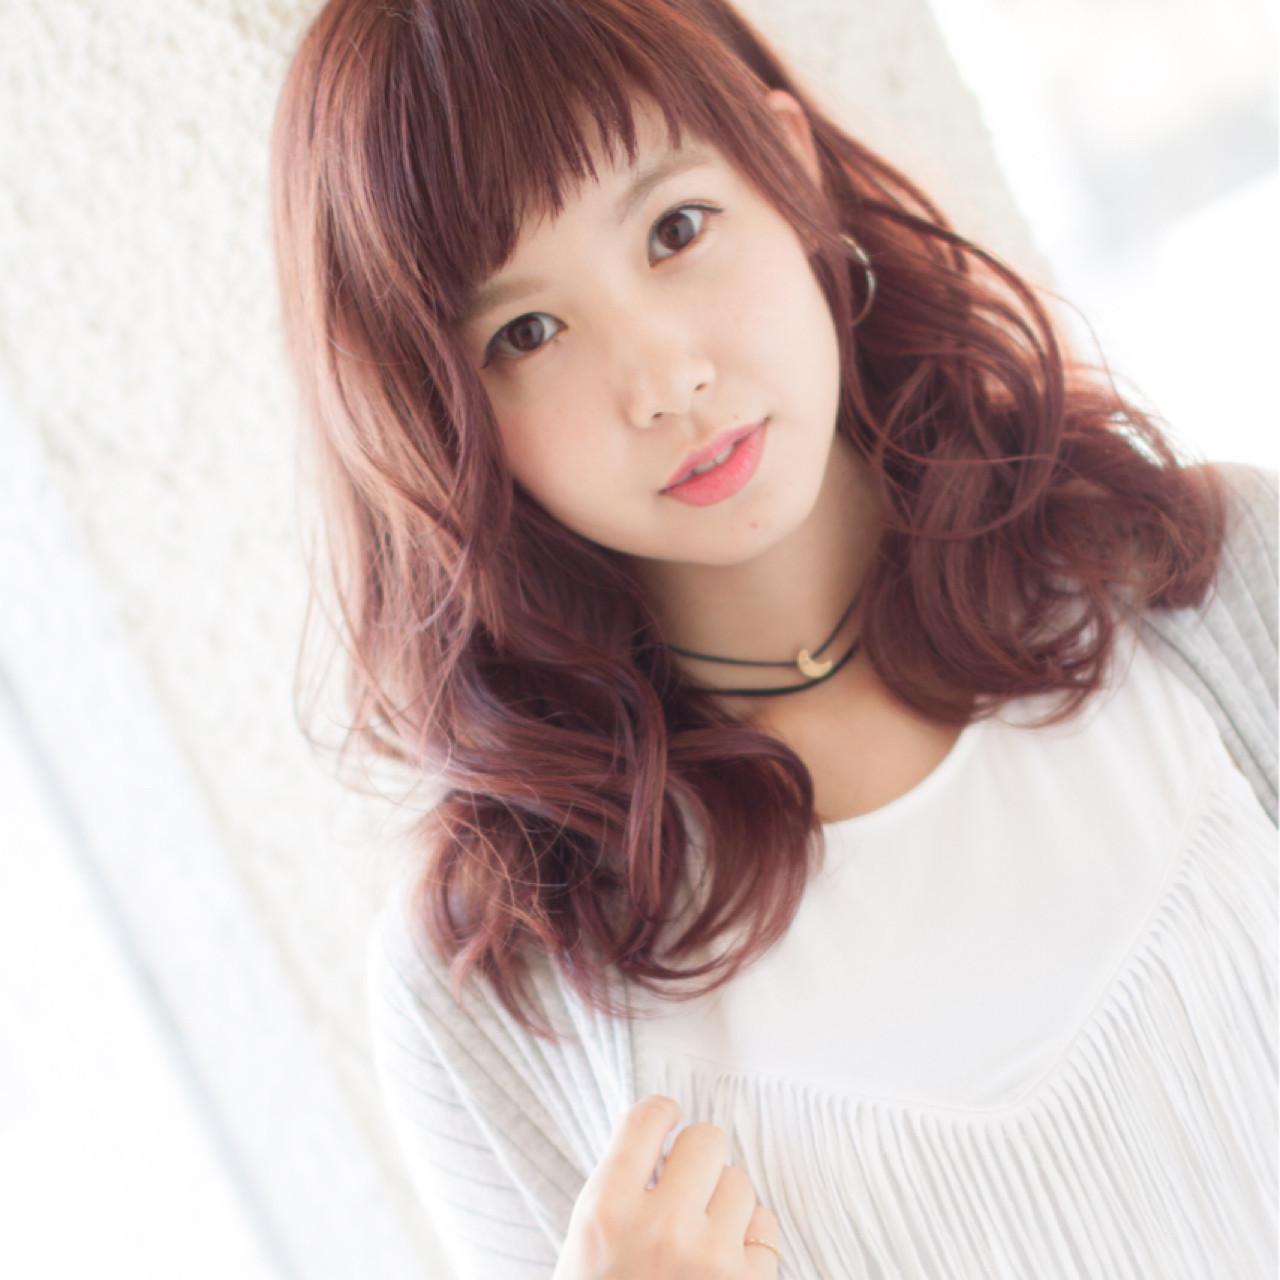 パーマ 透明感 フェミニン ピンク ヘアスタイルや髪型の写真・画像